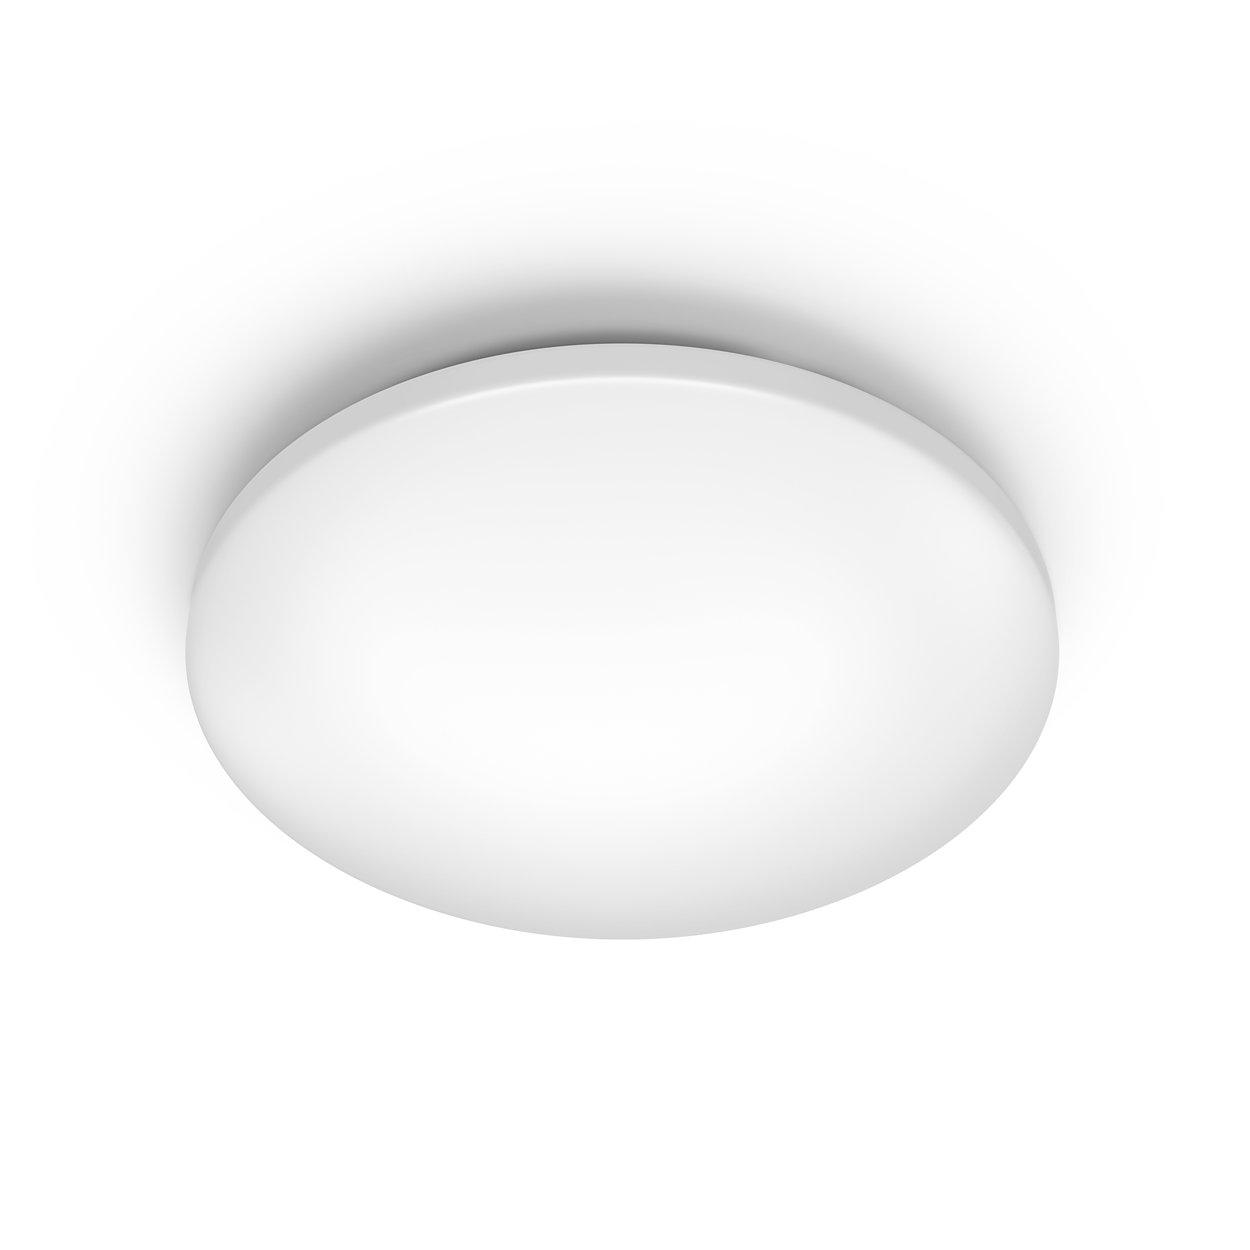 Oświetlenie LED zapewniające komfort dla oczu